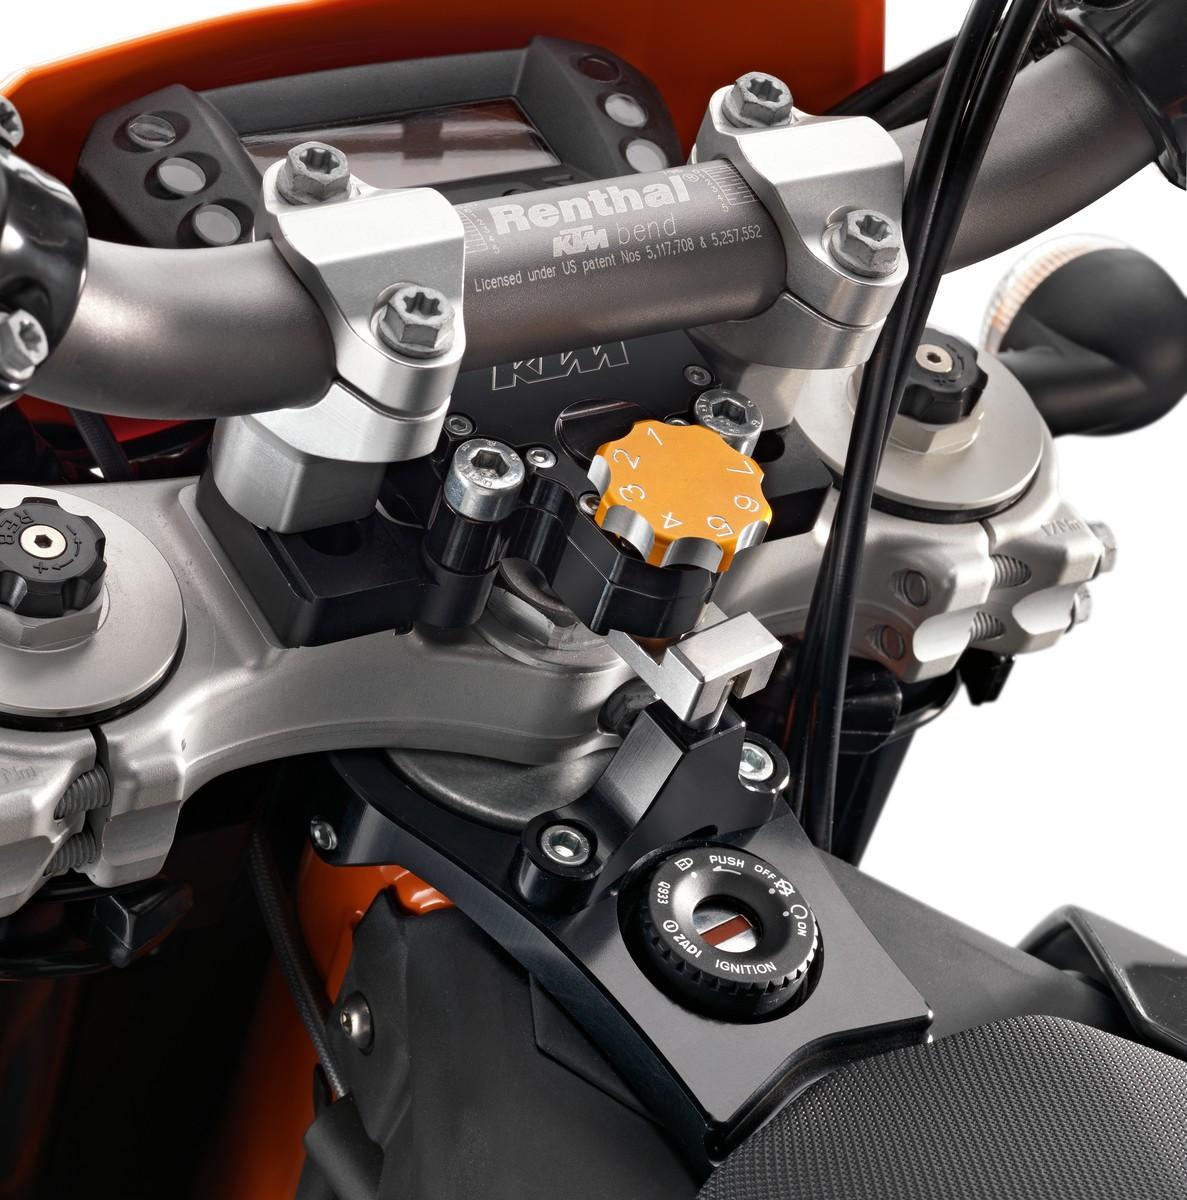 Honda Steering Damper On Ktm